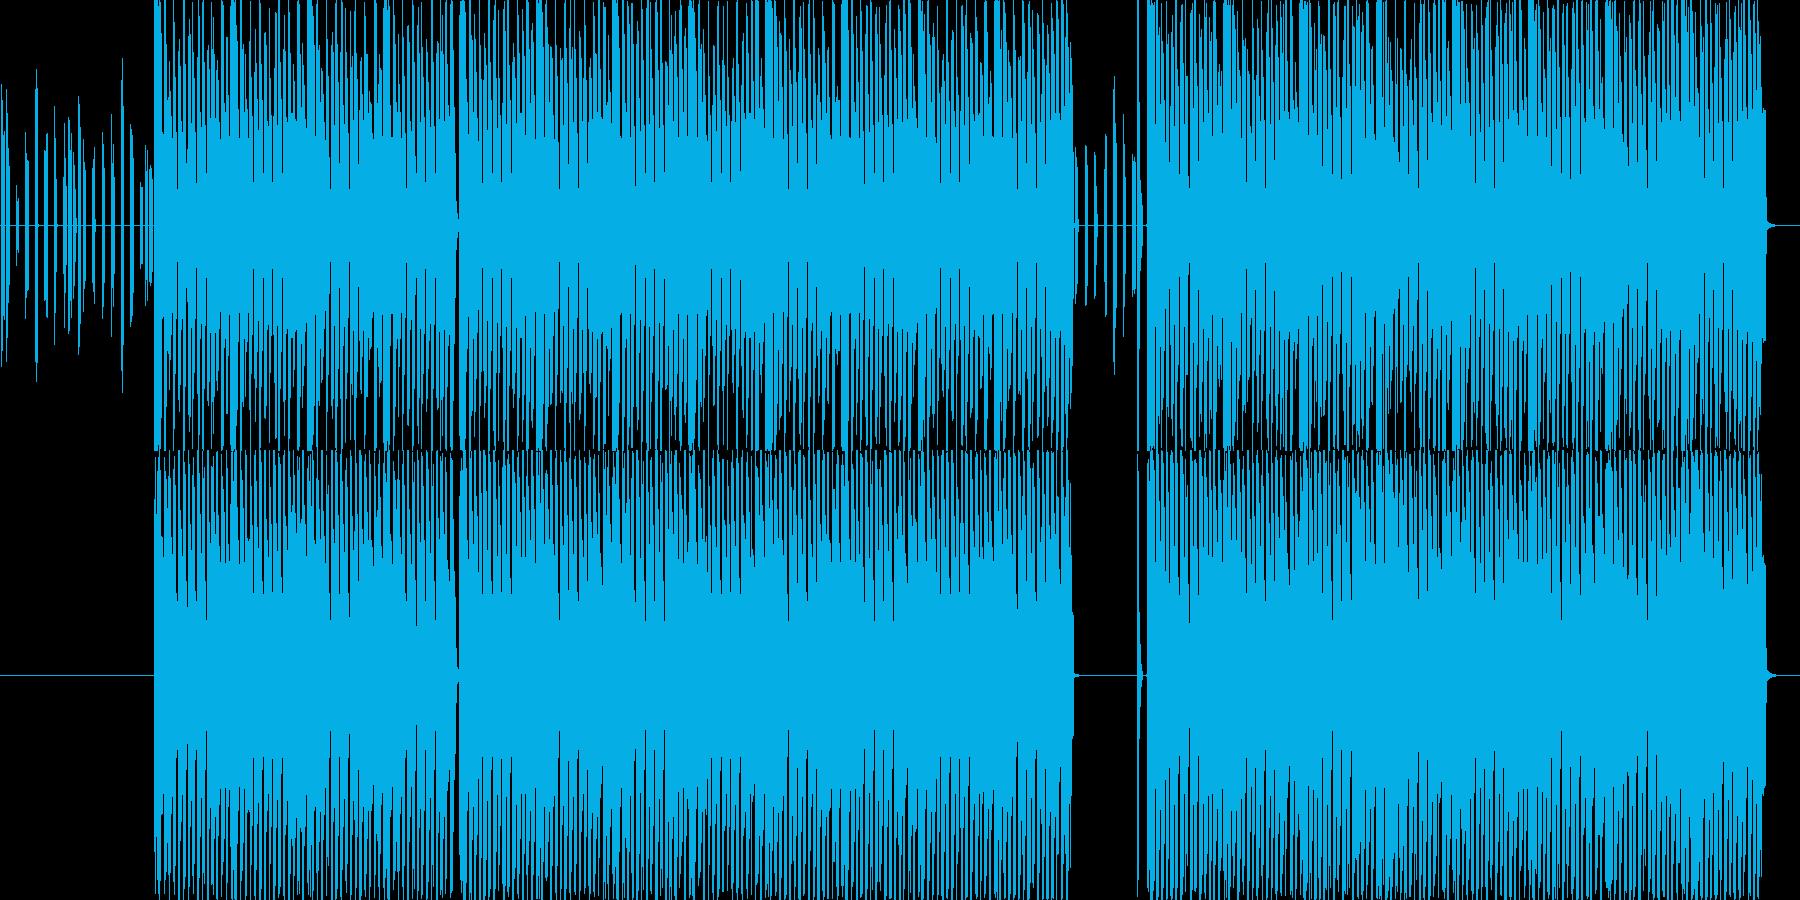 エレクトリックなディスコポップスの再生済みの波形